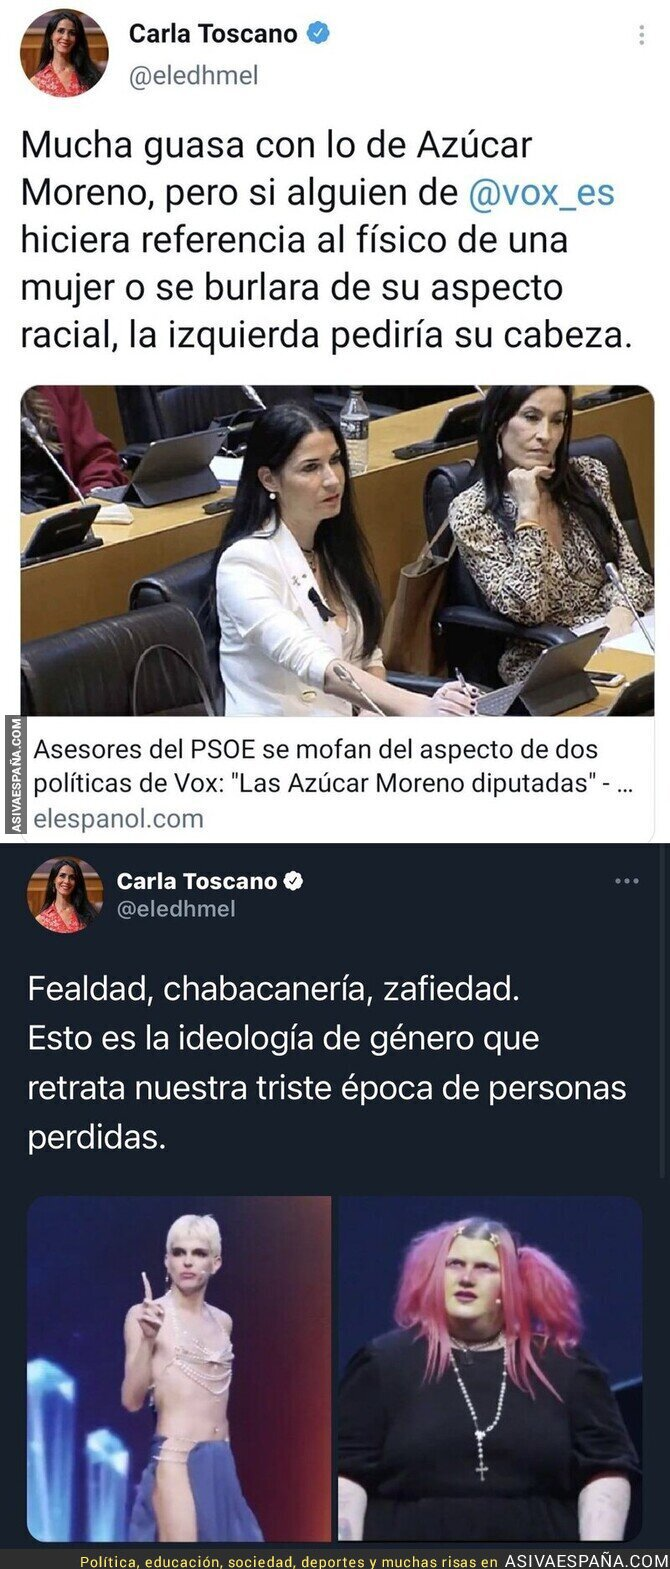 633775 - ¿Y ahora qué Carla Toscano?